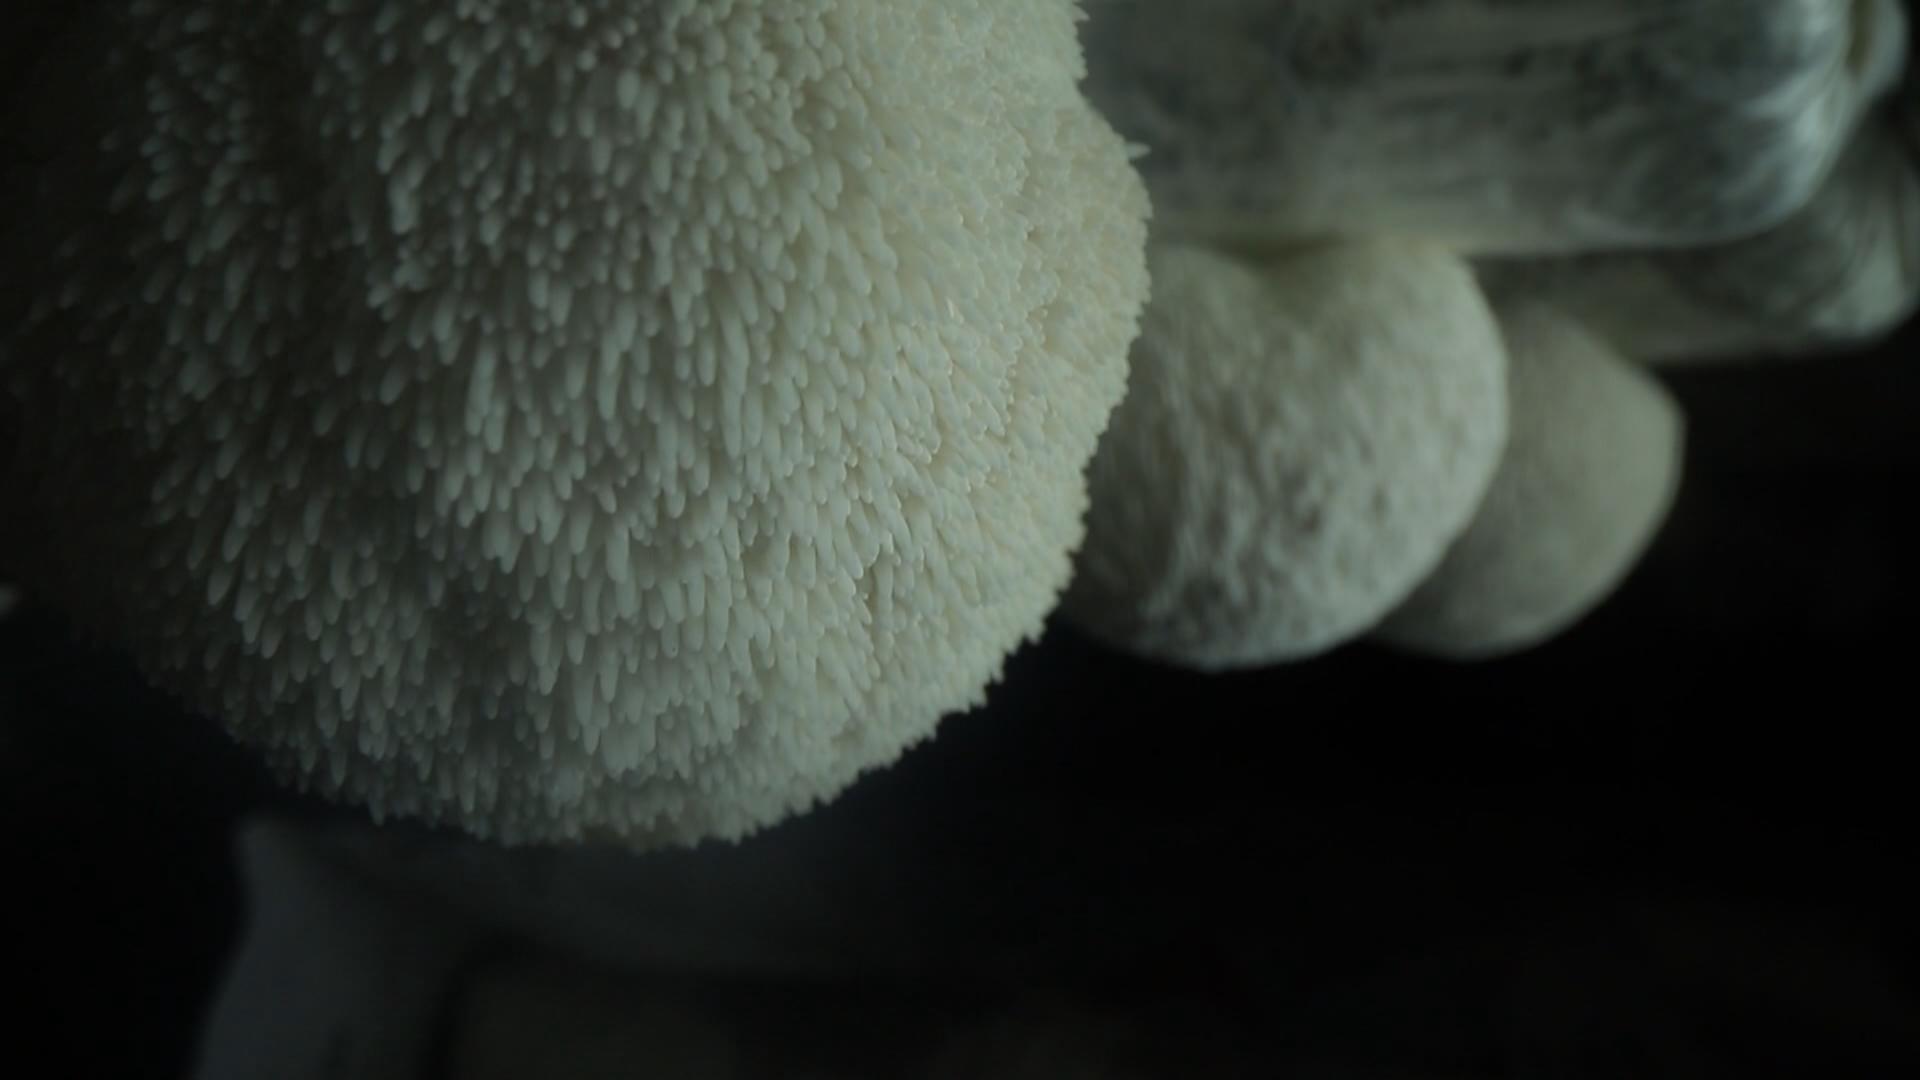 培育珍稀品种 提升食用菌产业效益